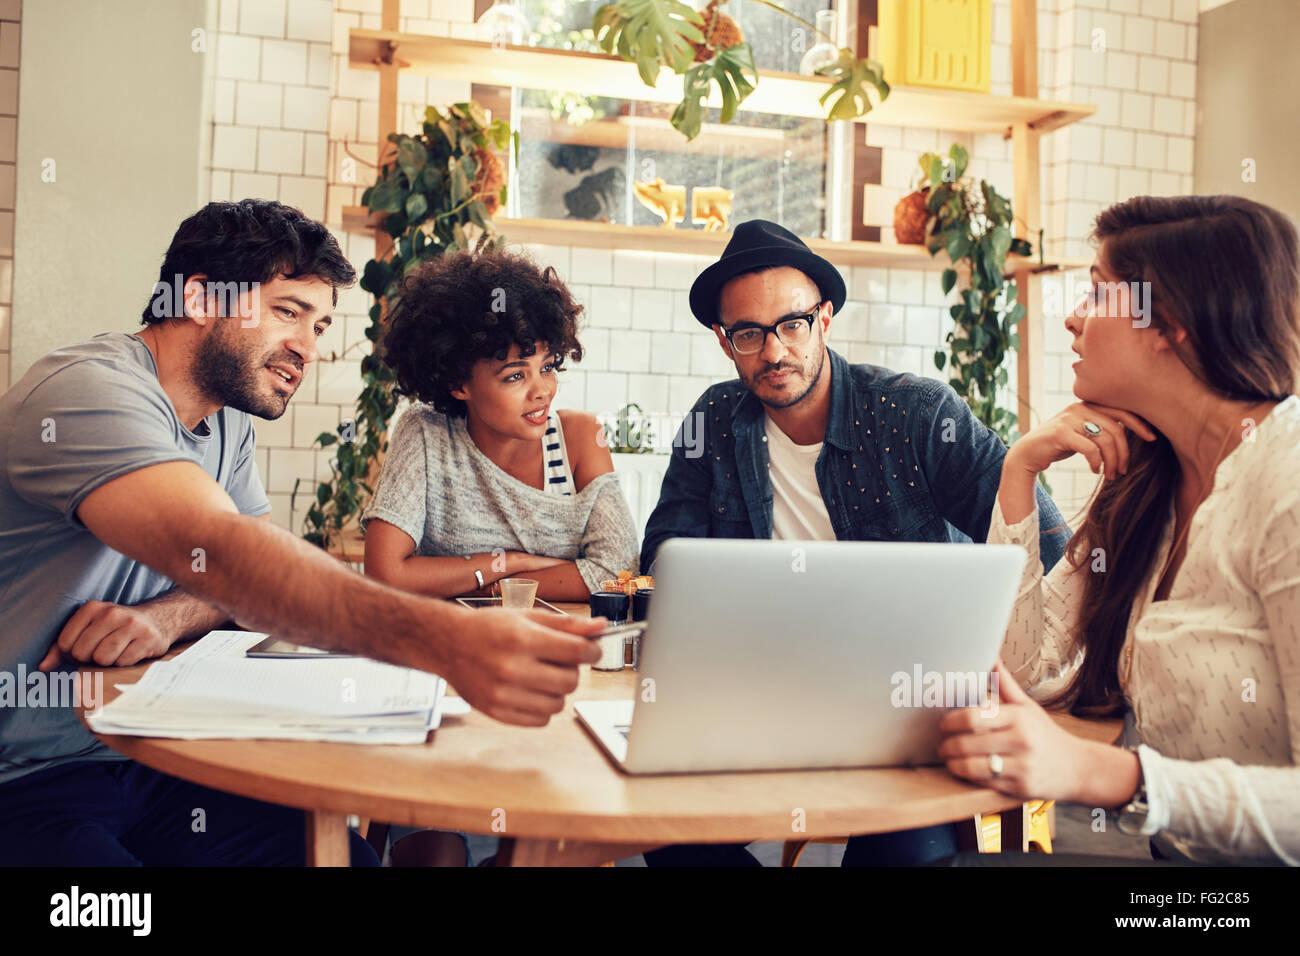 Porträt der jungen Menschen an einem Tisch im Café mit einem Laptop. Kreativ-Team neue Business-Projekt Stockbild